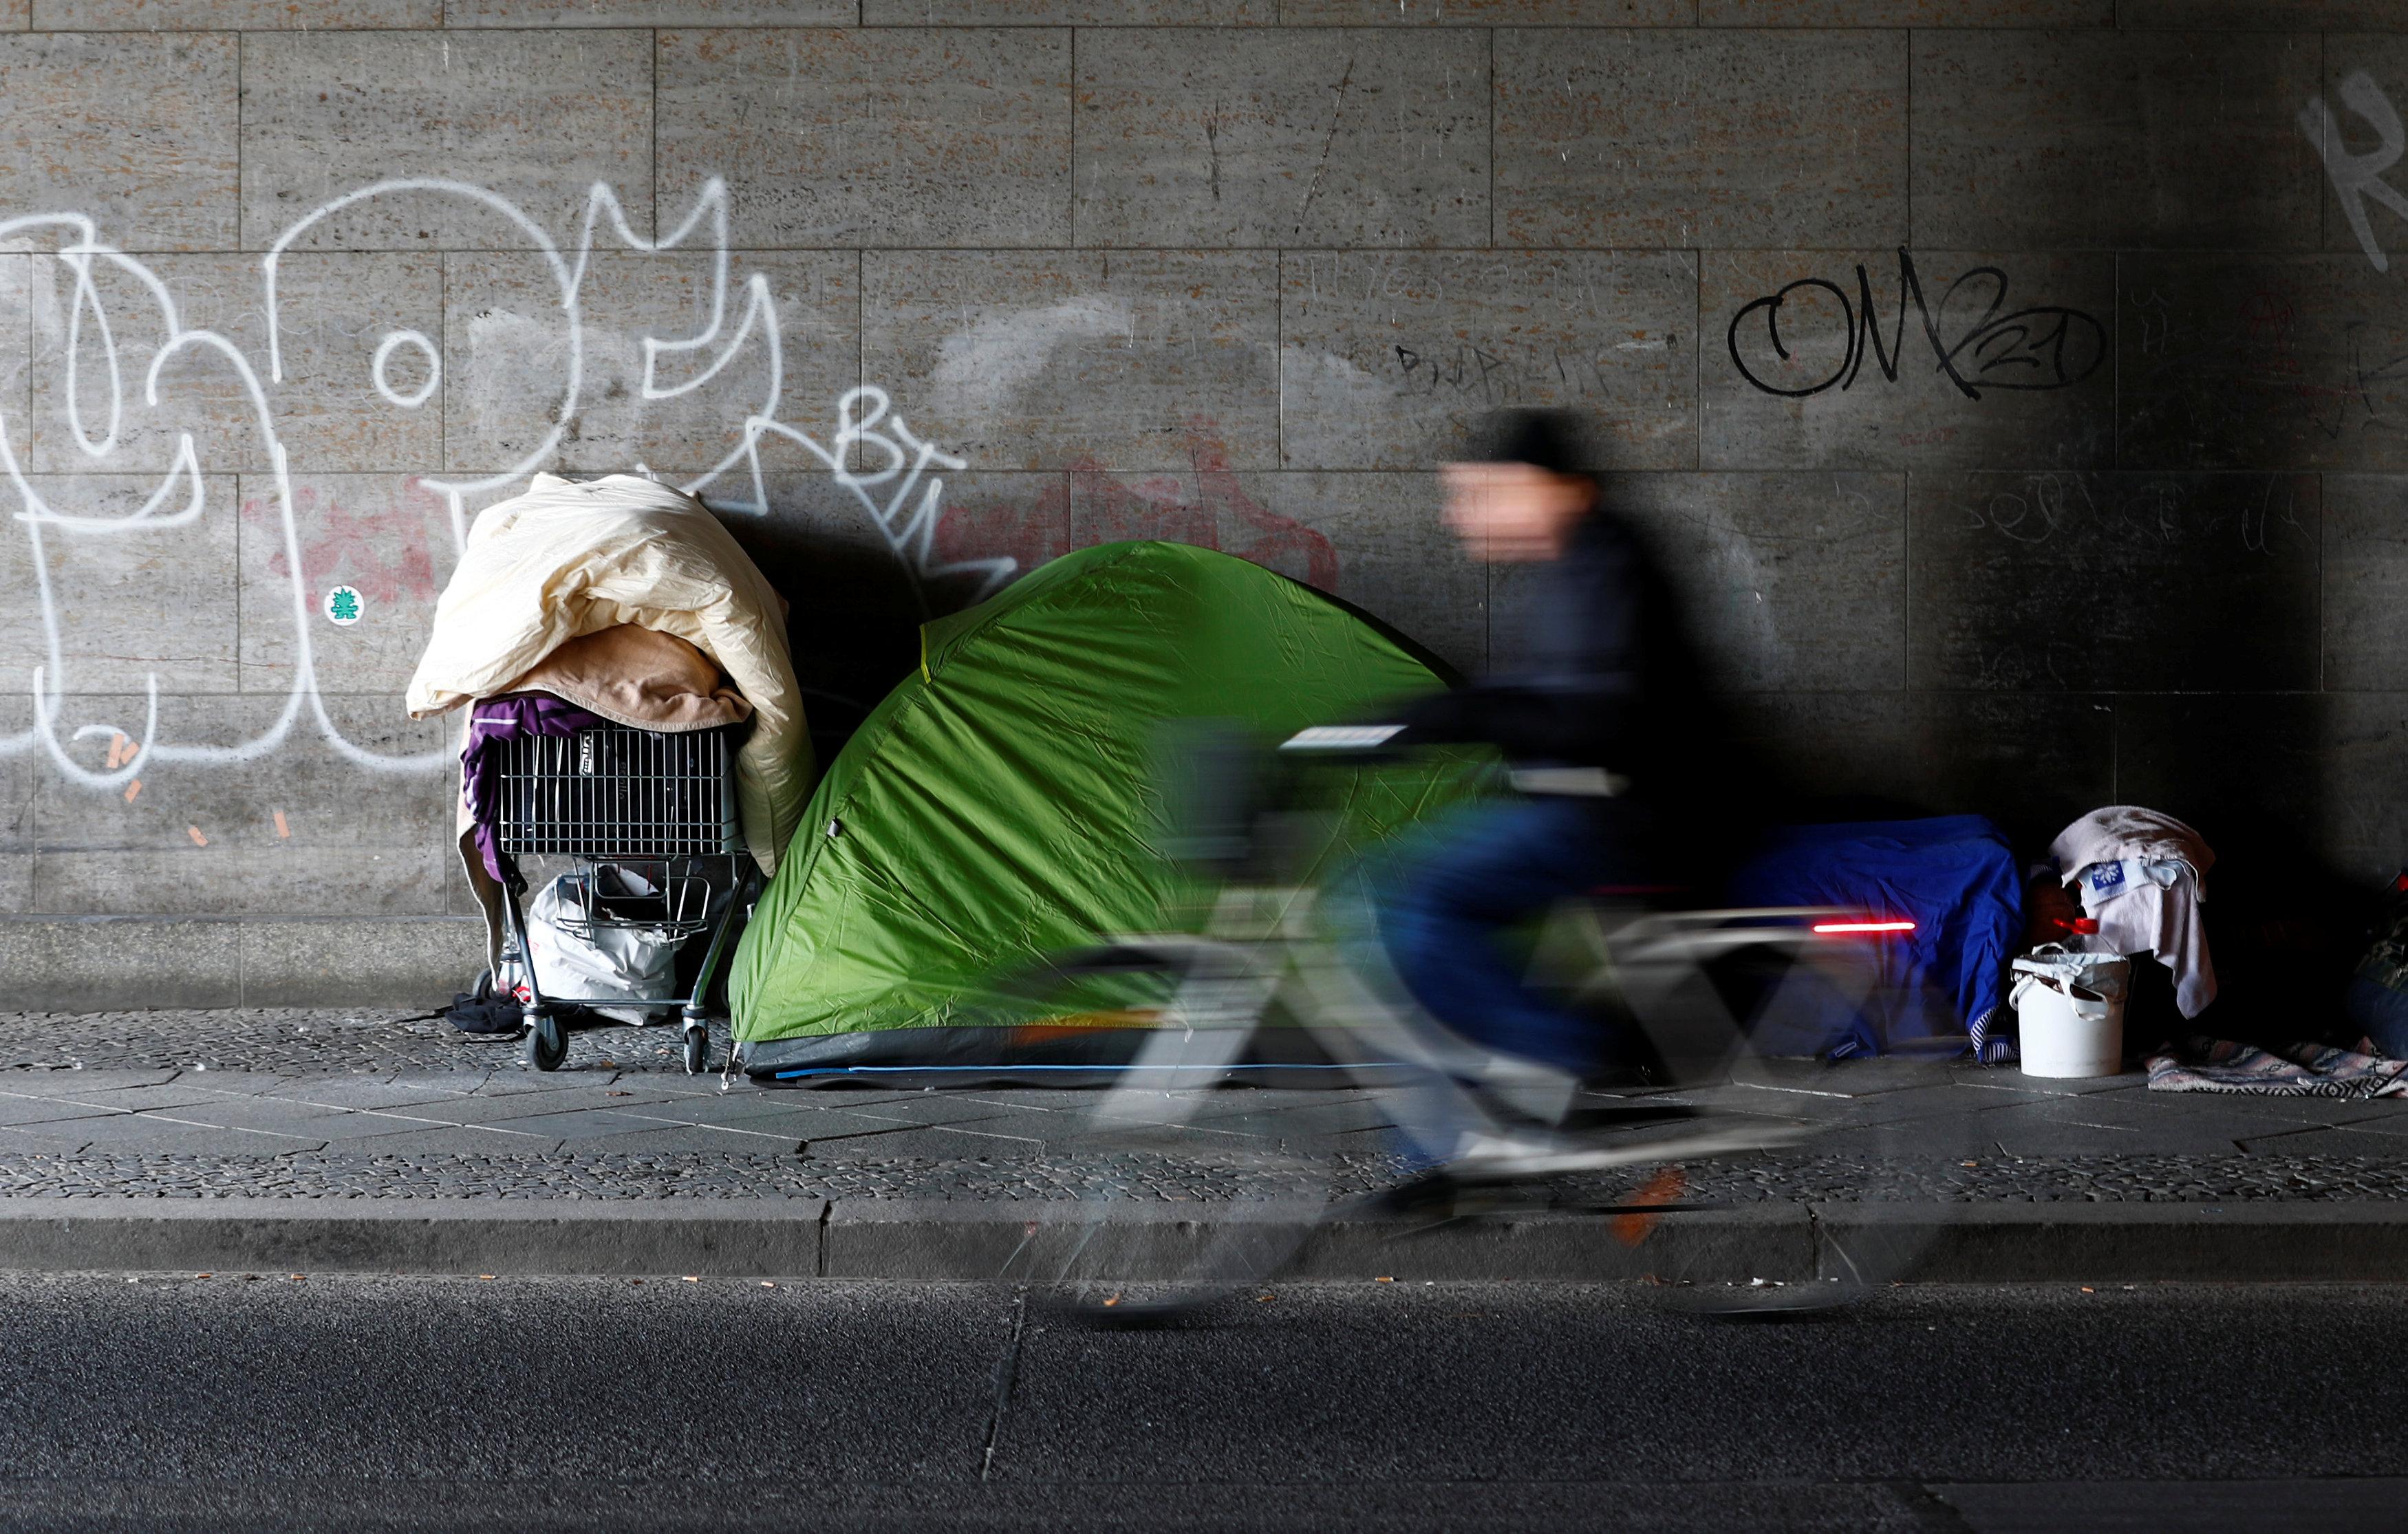 Un sin techo en Berlín, Alemania(REUTERS/Hannibal Hanschke)